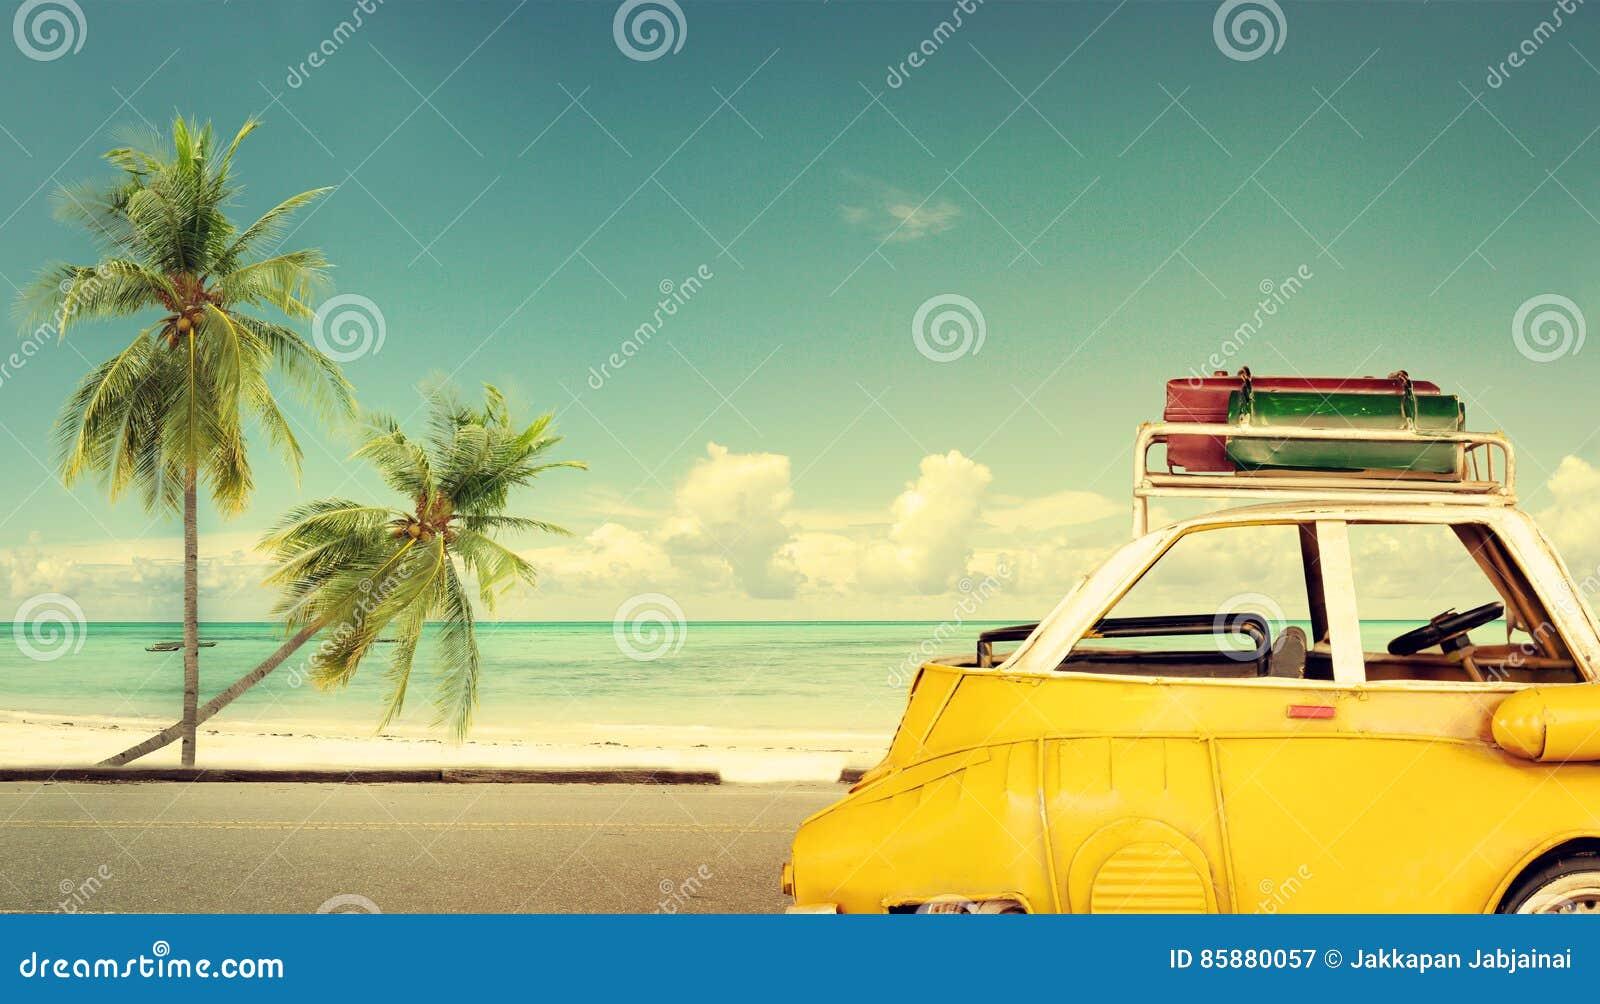 Назначение перемещения: винтажный классический автомобиль припарковал около пляжа с сумками на крыше